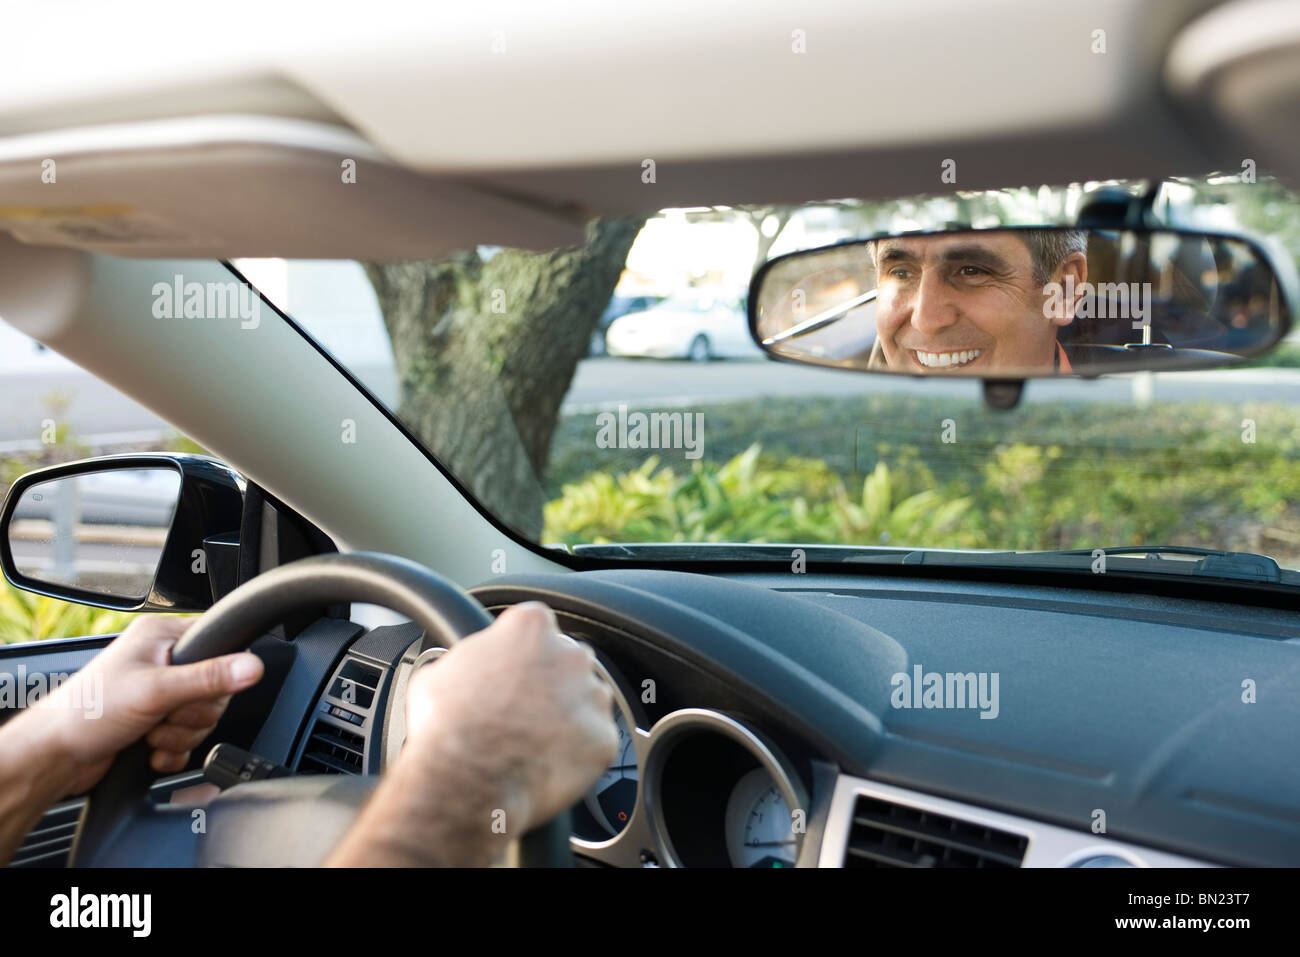 Uomo alla guida e la riflessione in specchietto retrovisore Immagini Stock